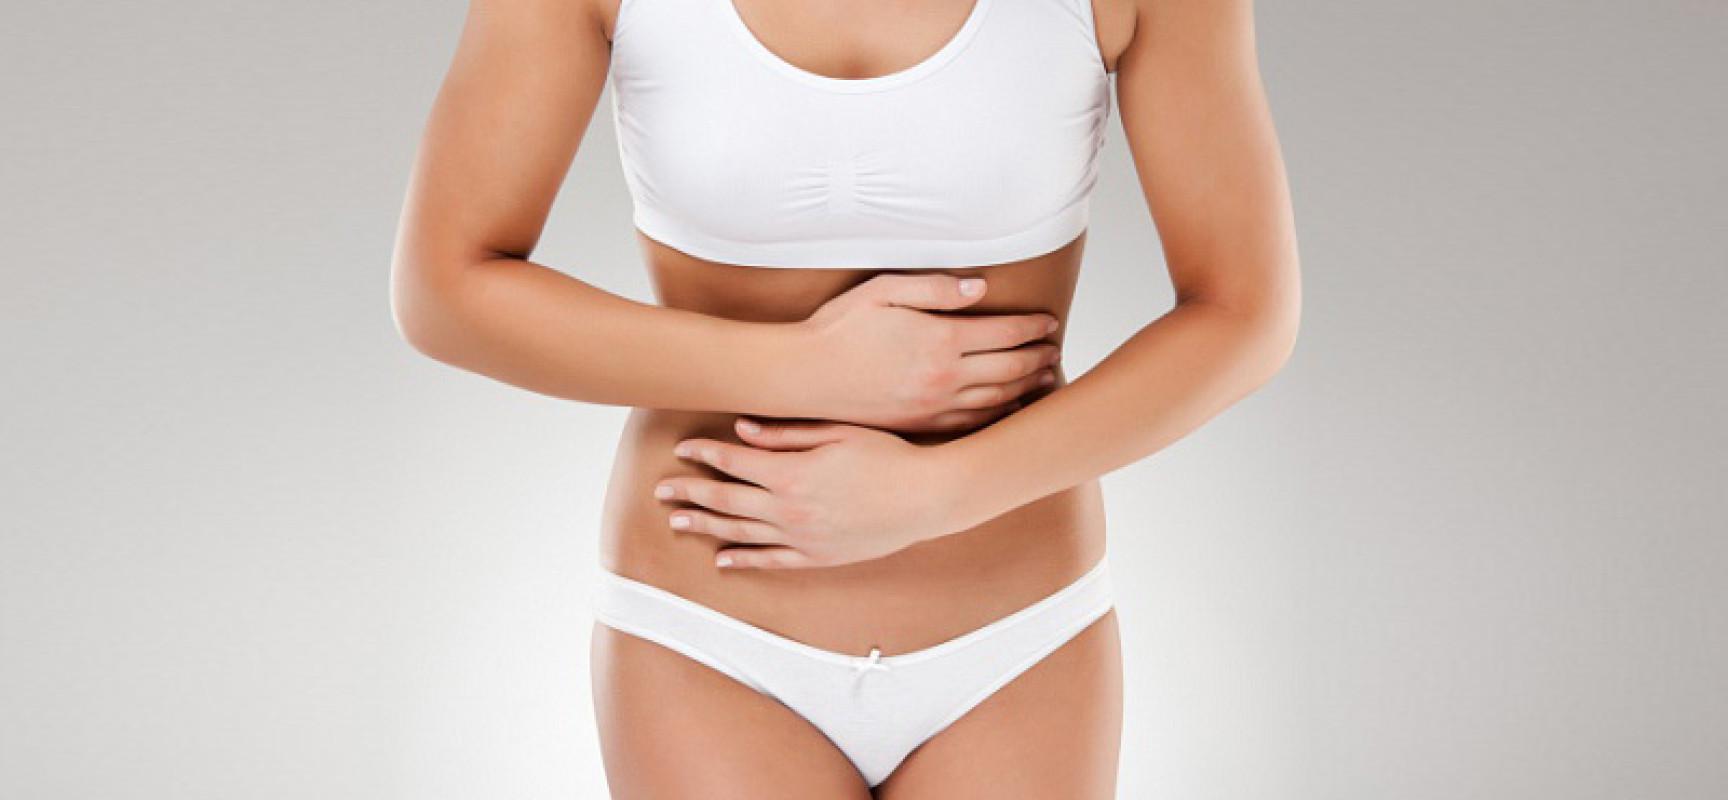 Болит желудок: что делать в домашних условиях? 99